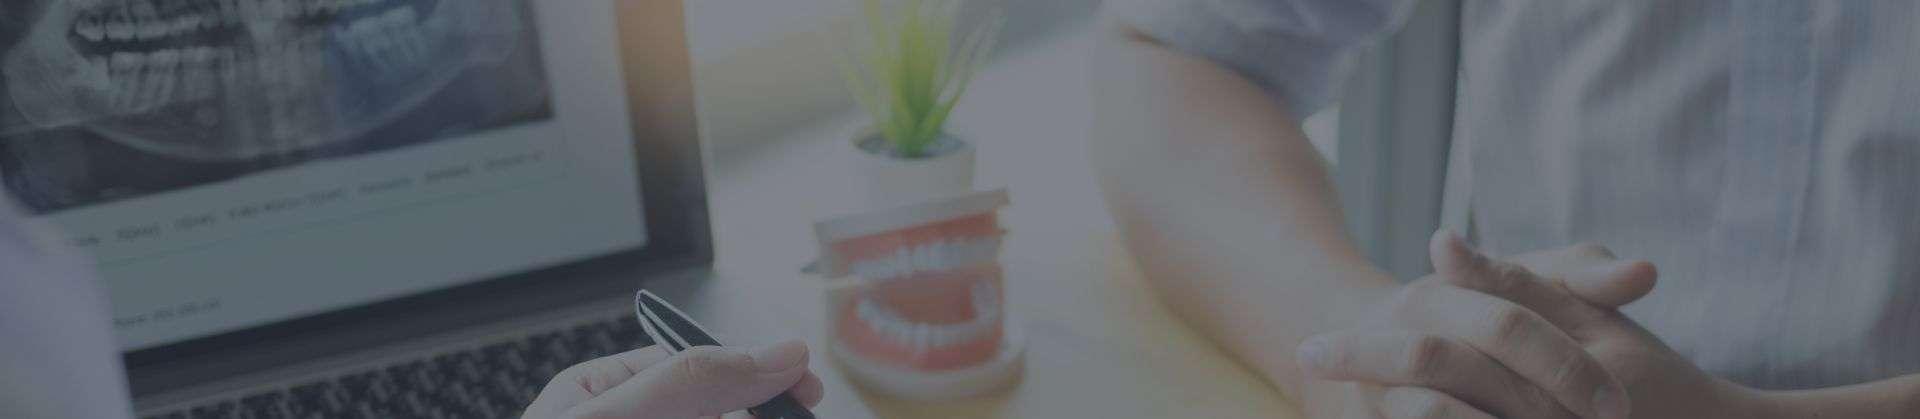 Curso de Odontologia